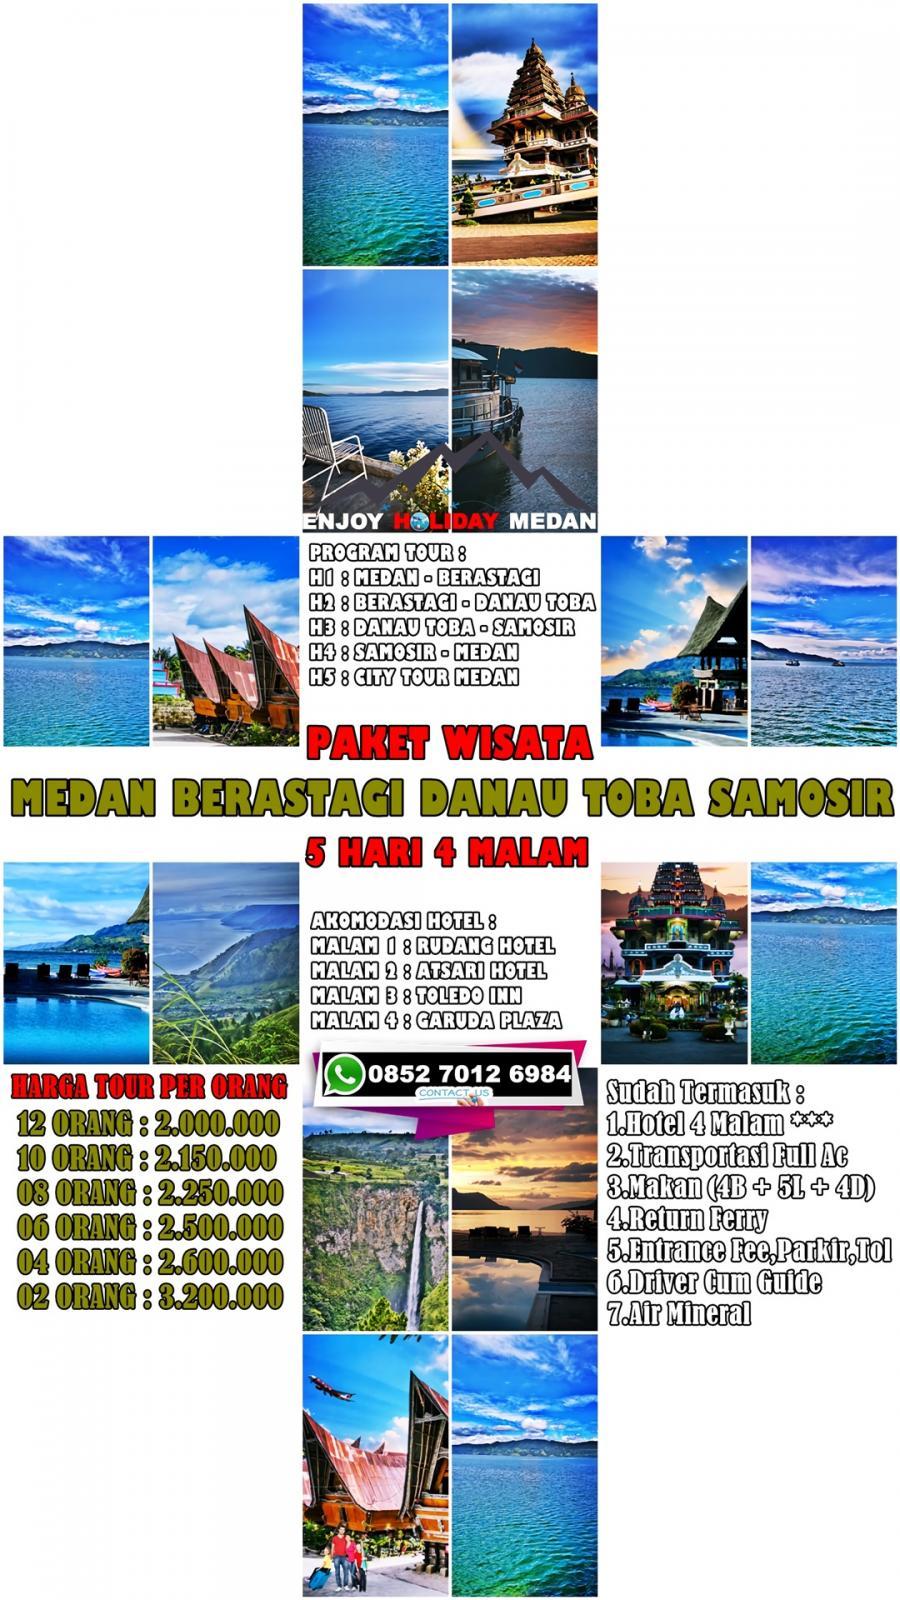 5 Hari / 4 Malam Paket Tour Medan-Berastagi-Parapat